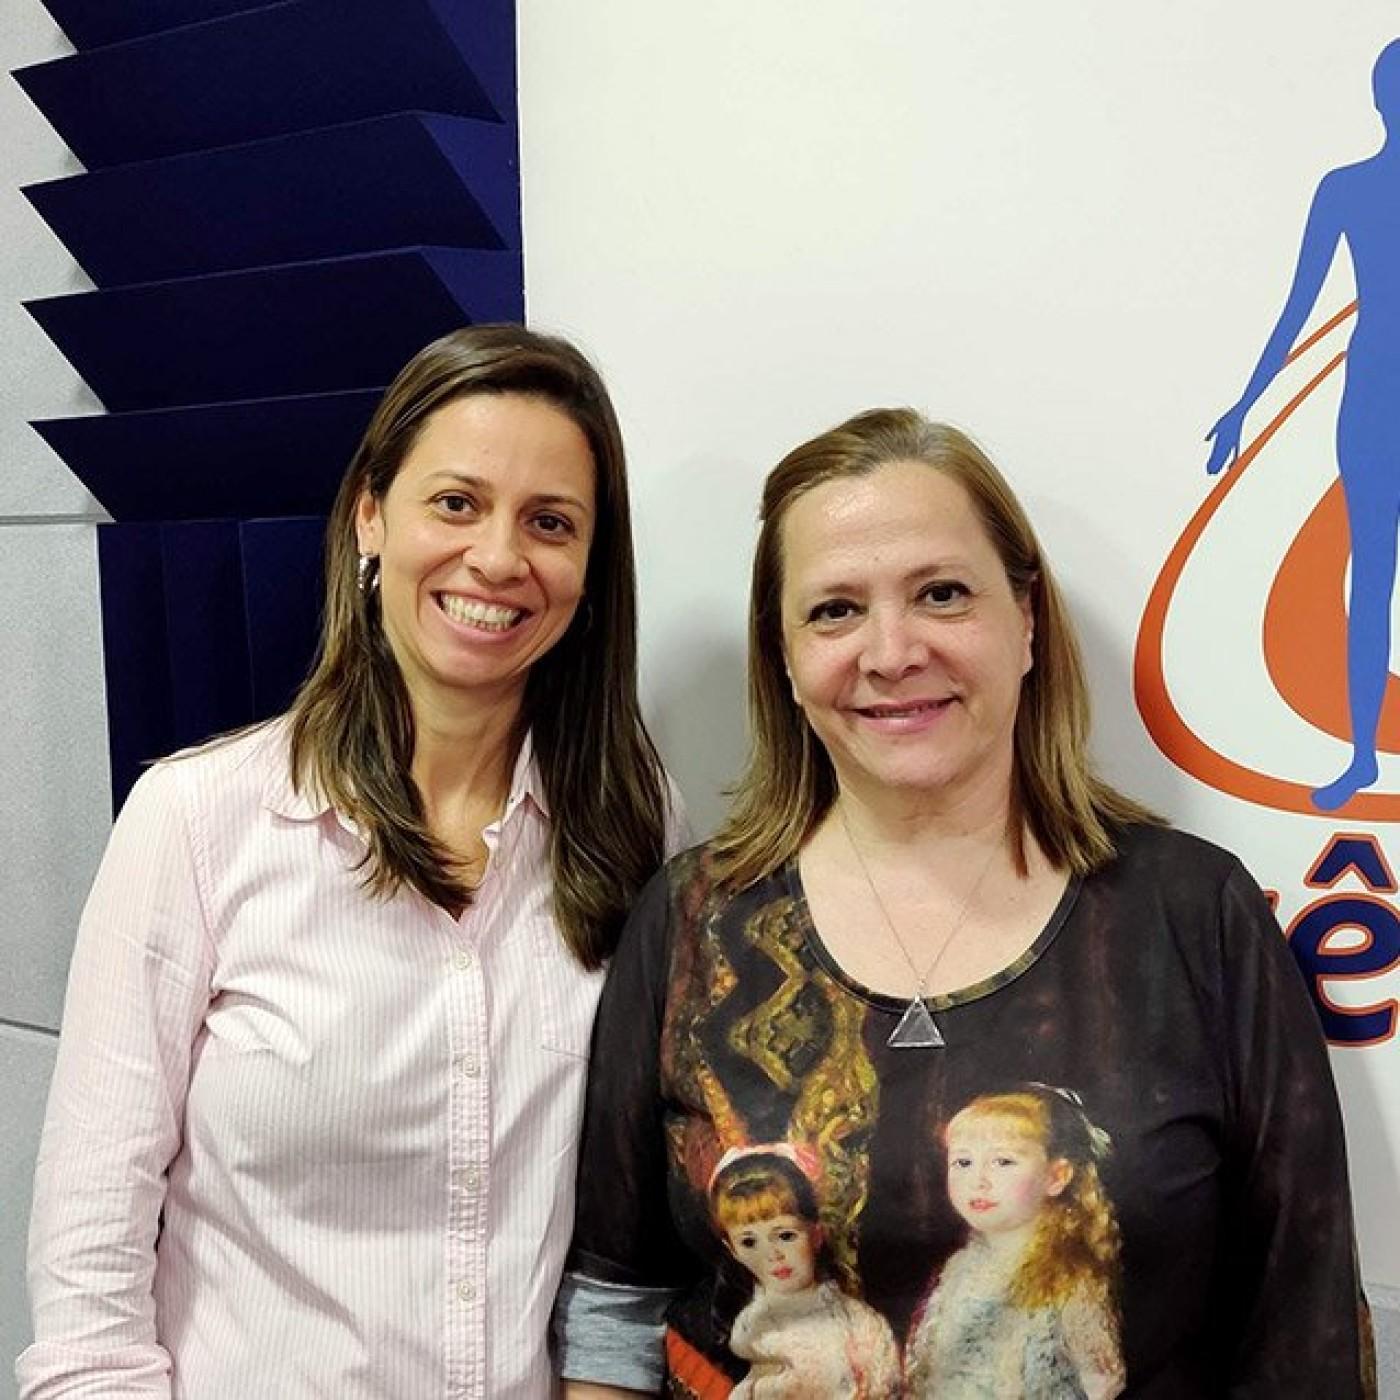 746 - Psicoterapia Reencarnacionista com Carmen Mirio e Daniela Pereira